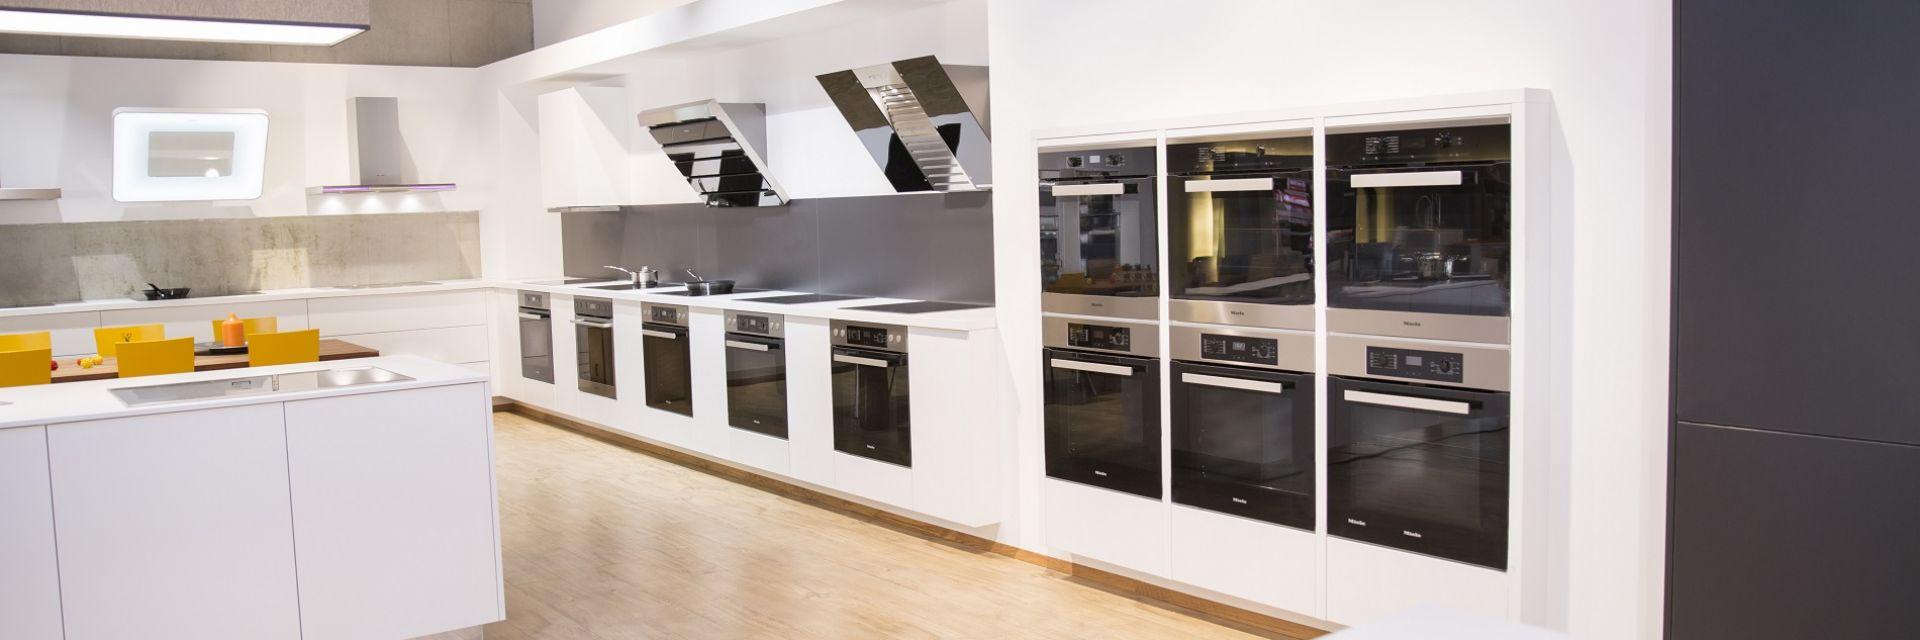 Großartig Traumküche Foto Von Ihre Perfekte Traumküche